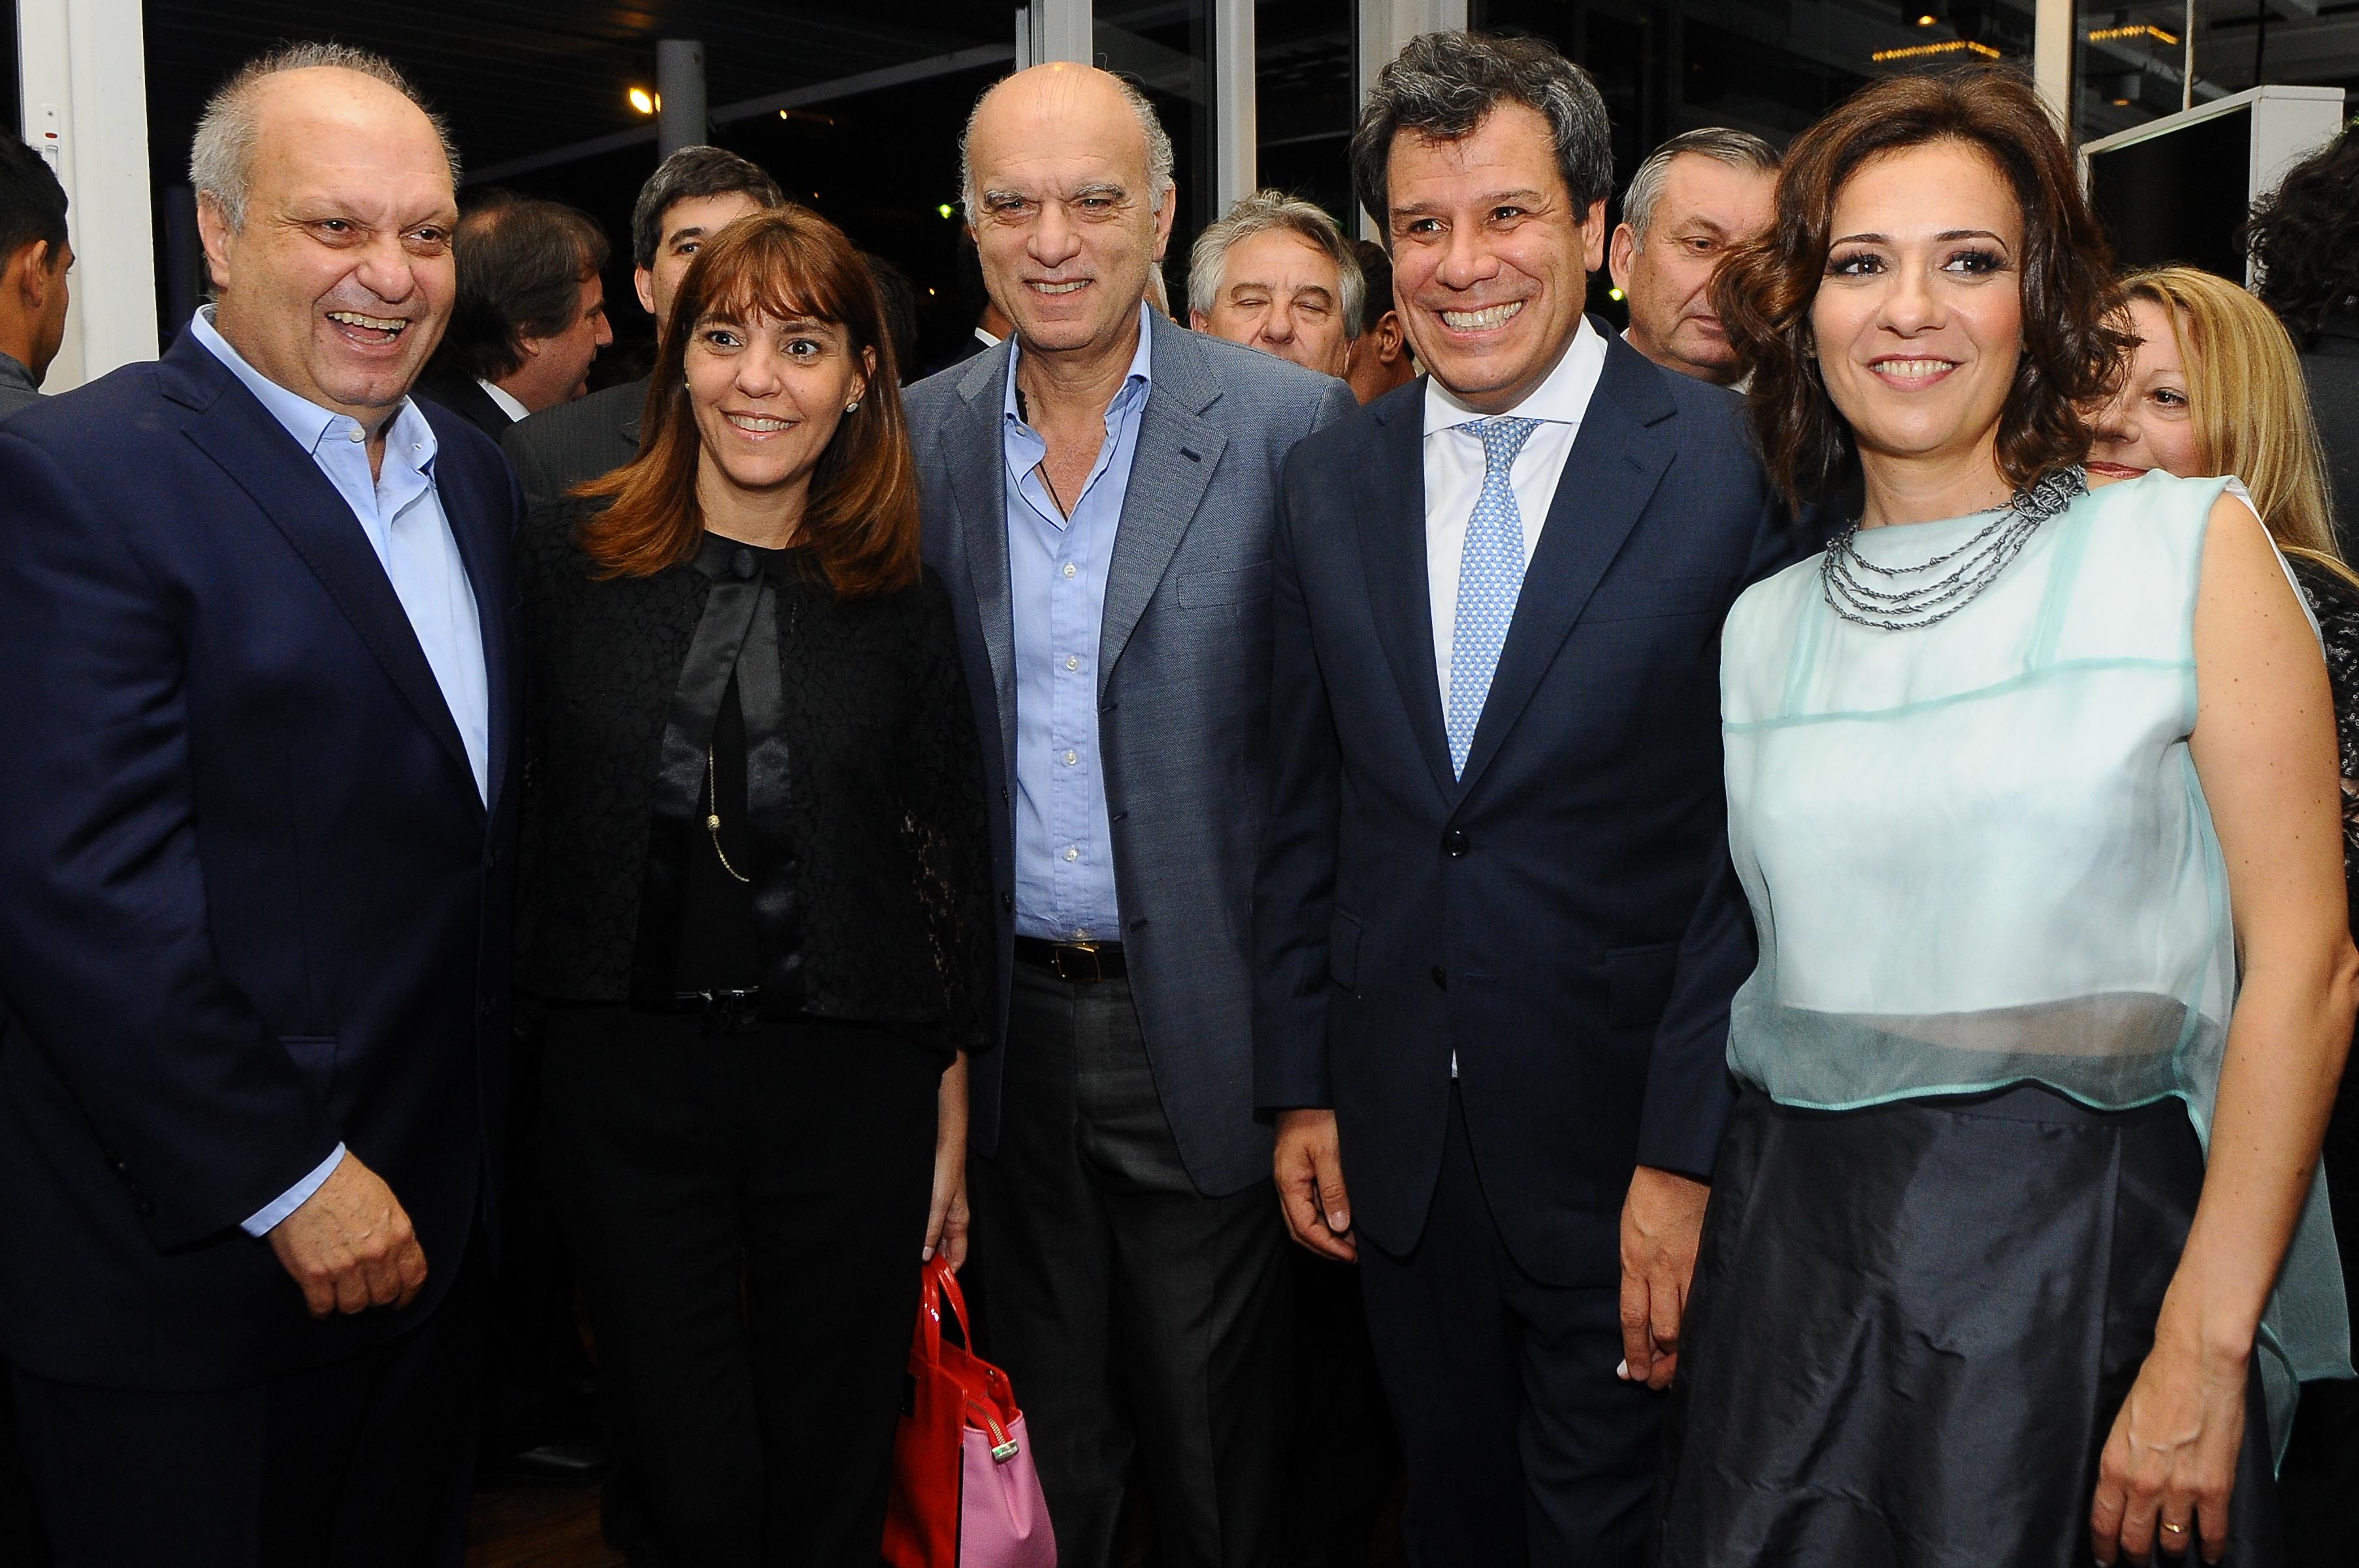 El intendente de Lanús, Nestor Grindetti, también estuvo presente